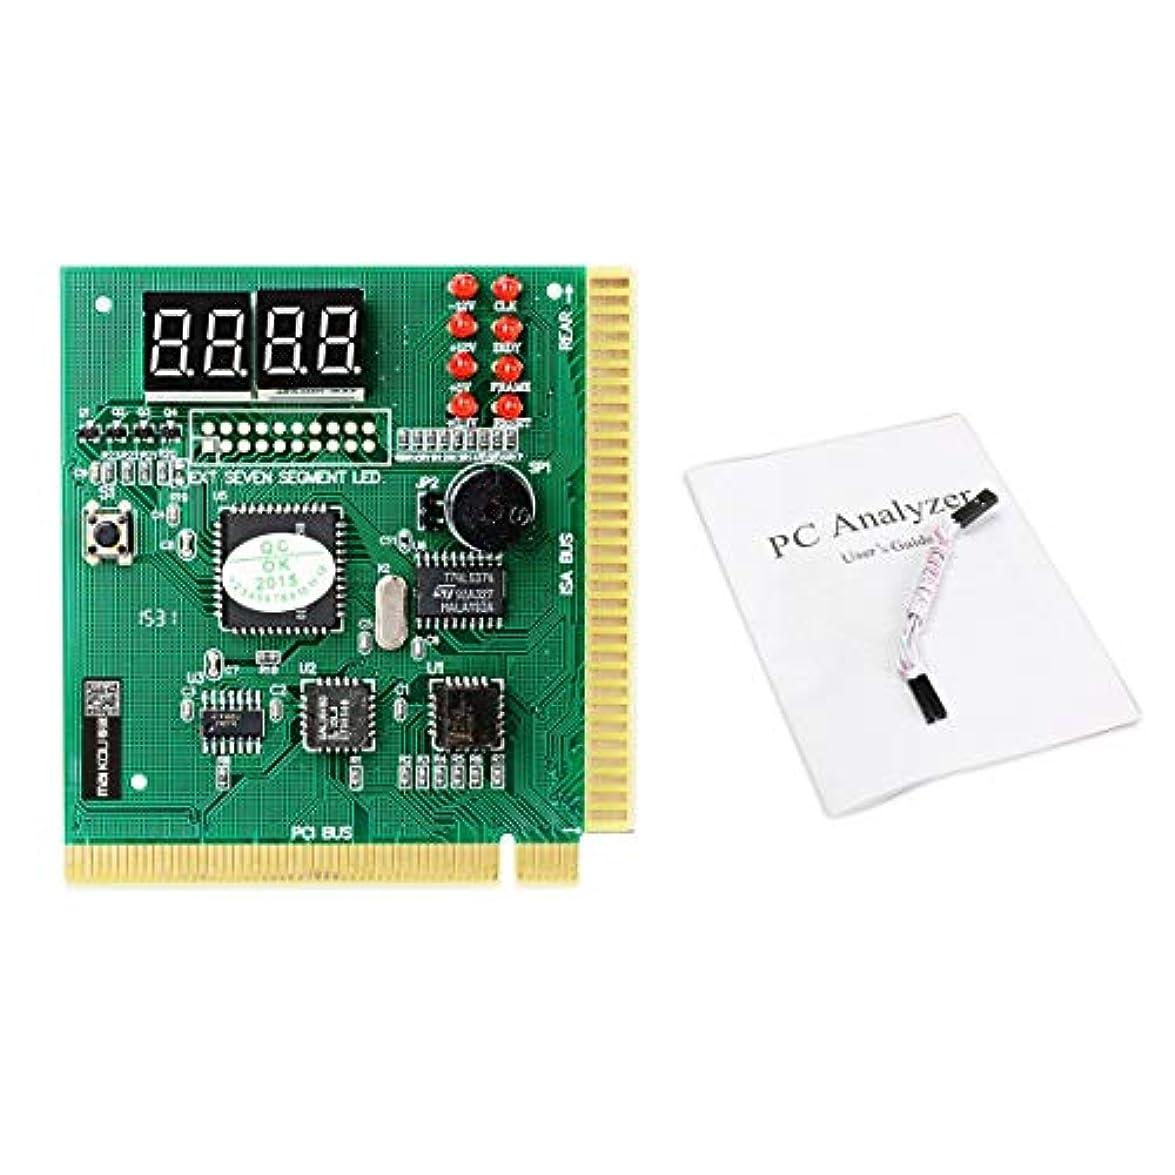 キャンセル時間モジュールBlackfell Maikou 4 Digit Mainboard PCI PC Computer Motherboard Diagnostic Analyzer Card Post Tester for Desktop PC